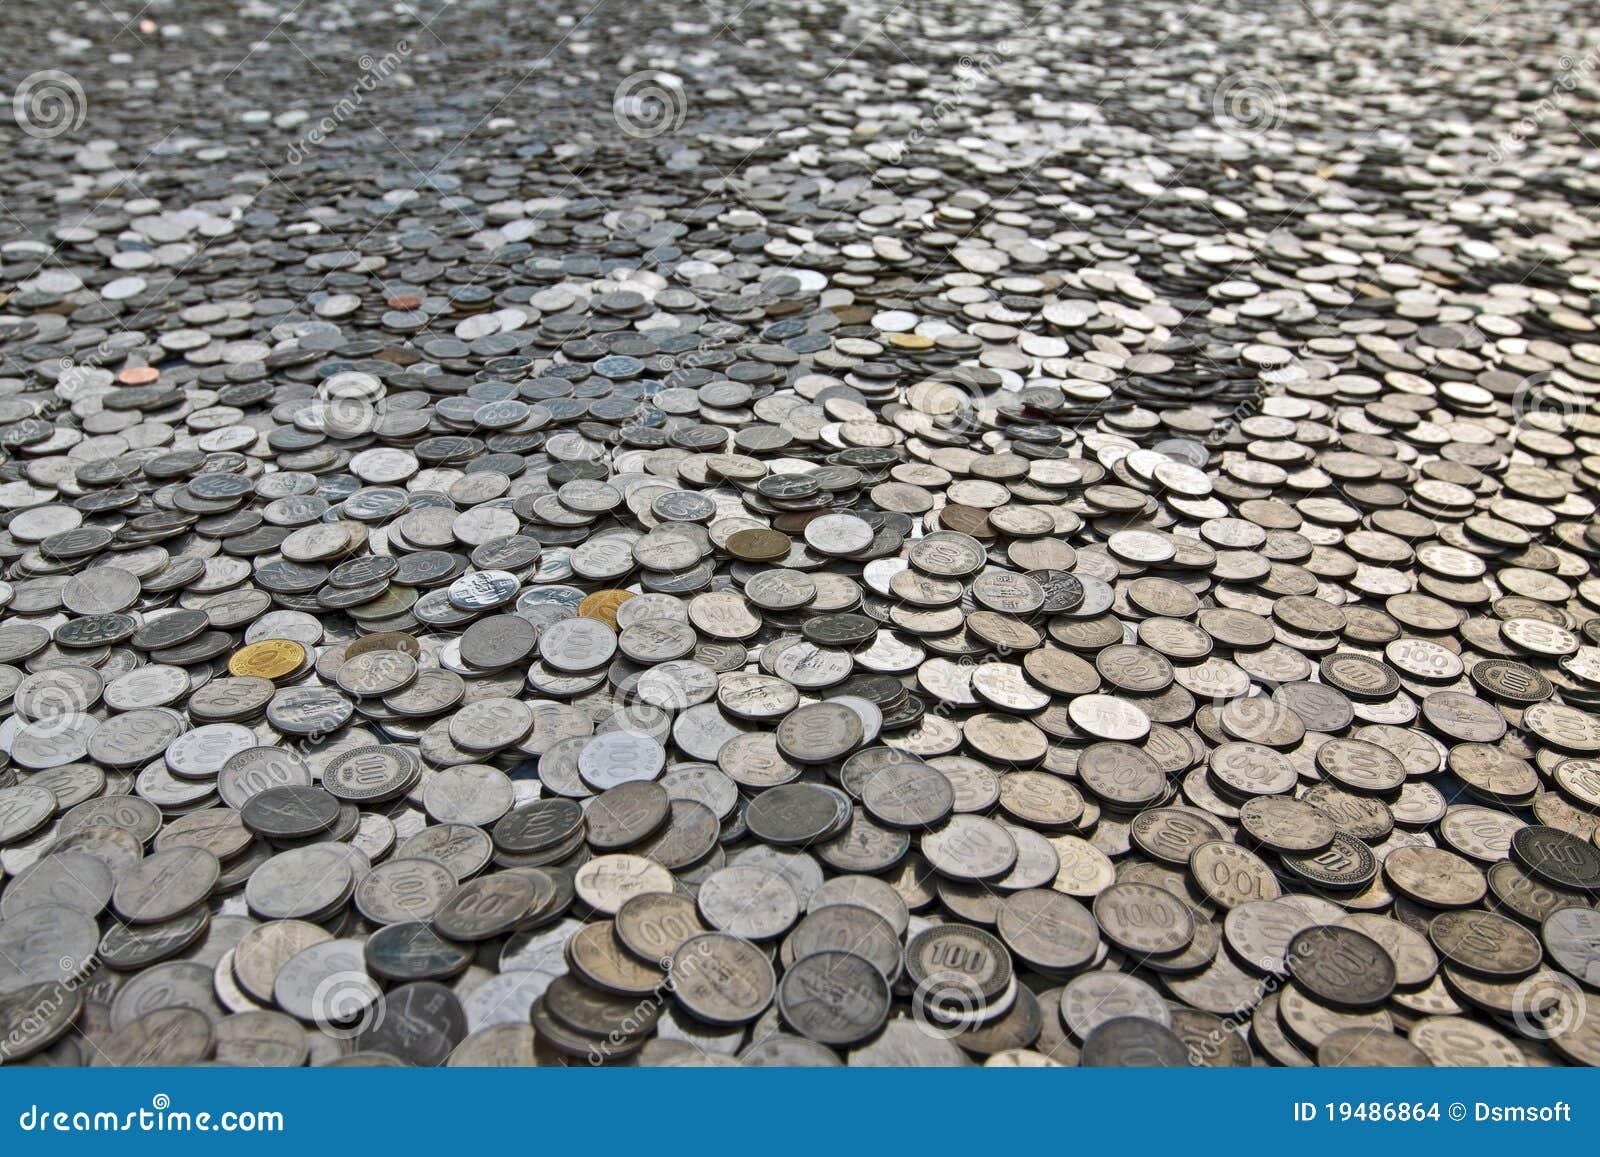 Beaucoup de pièces de monnaie